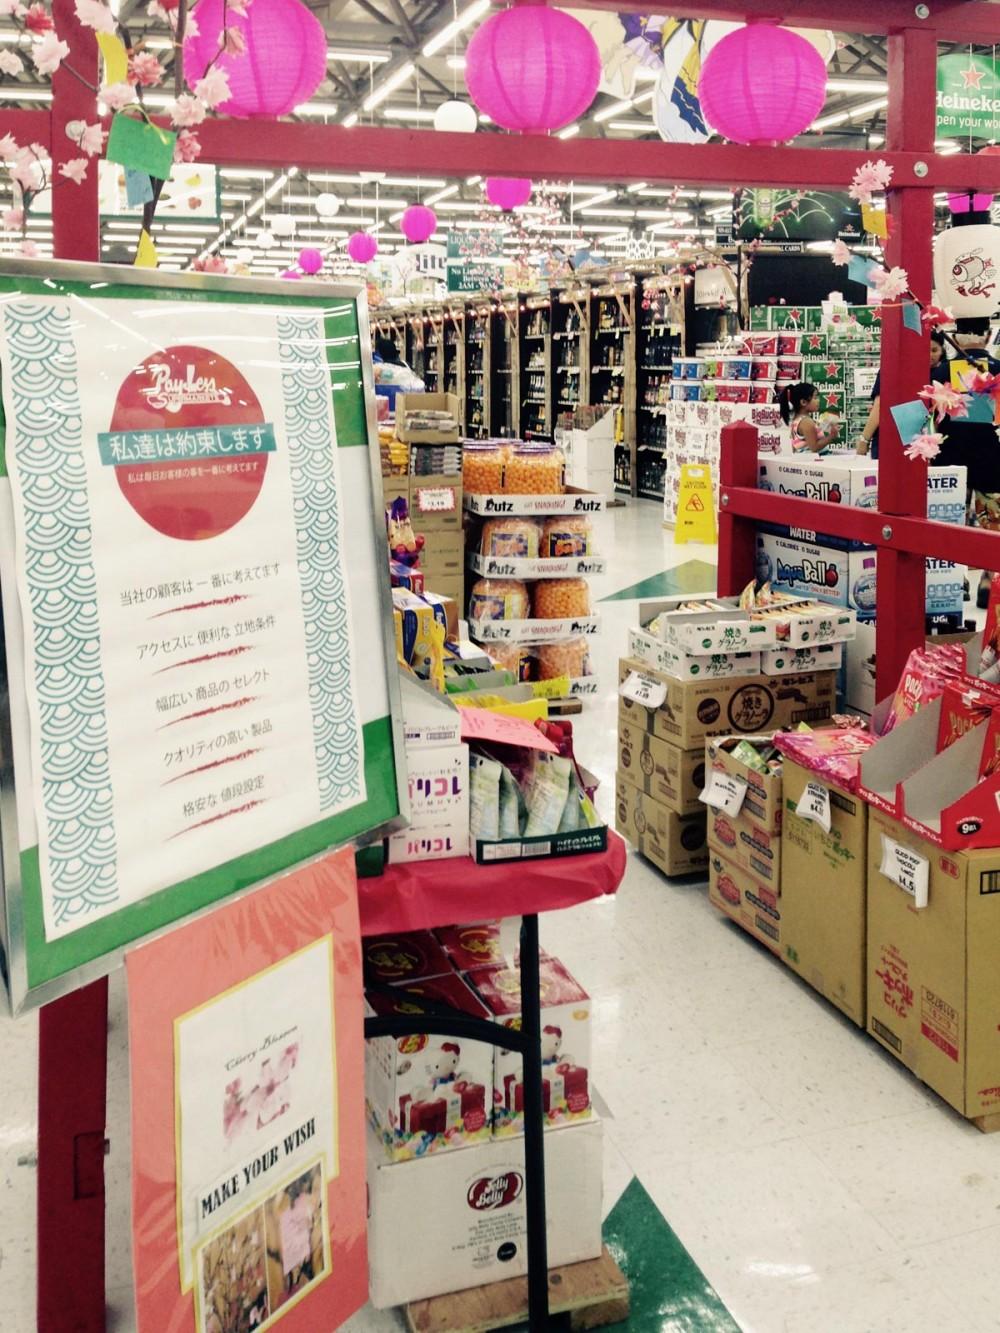 ペイレススーパーマーケットの65周年記念イベント (マイクロネシアモール店)